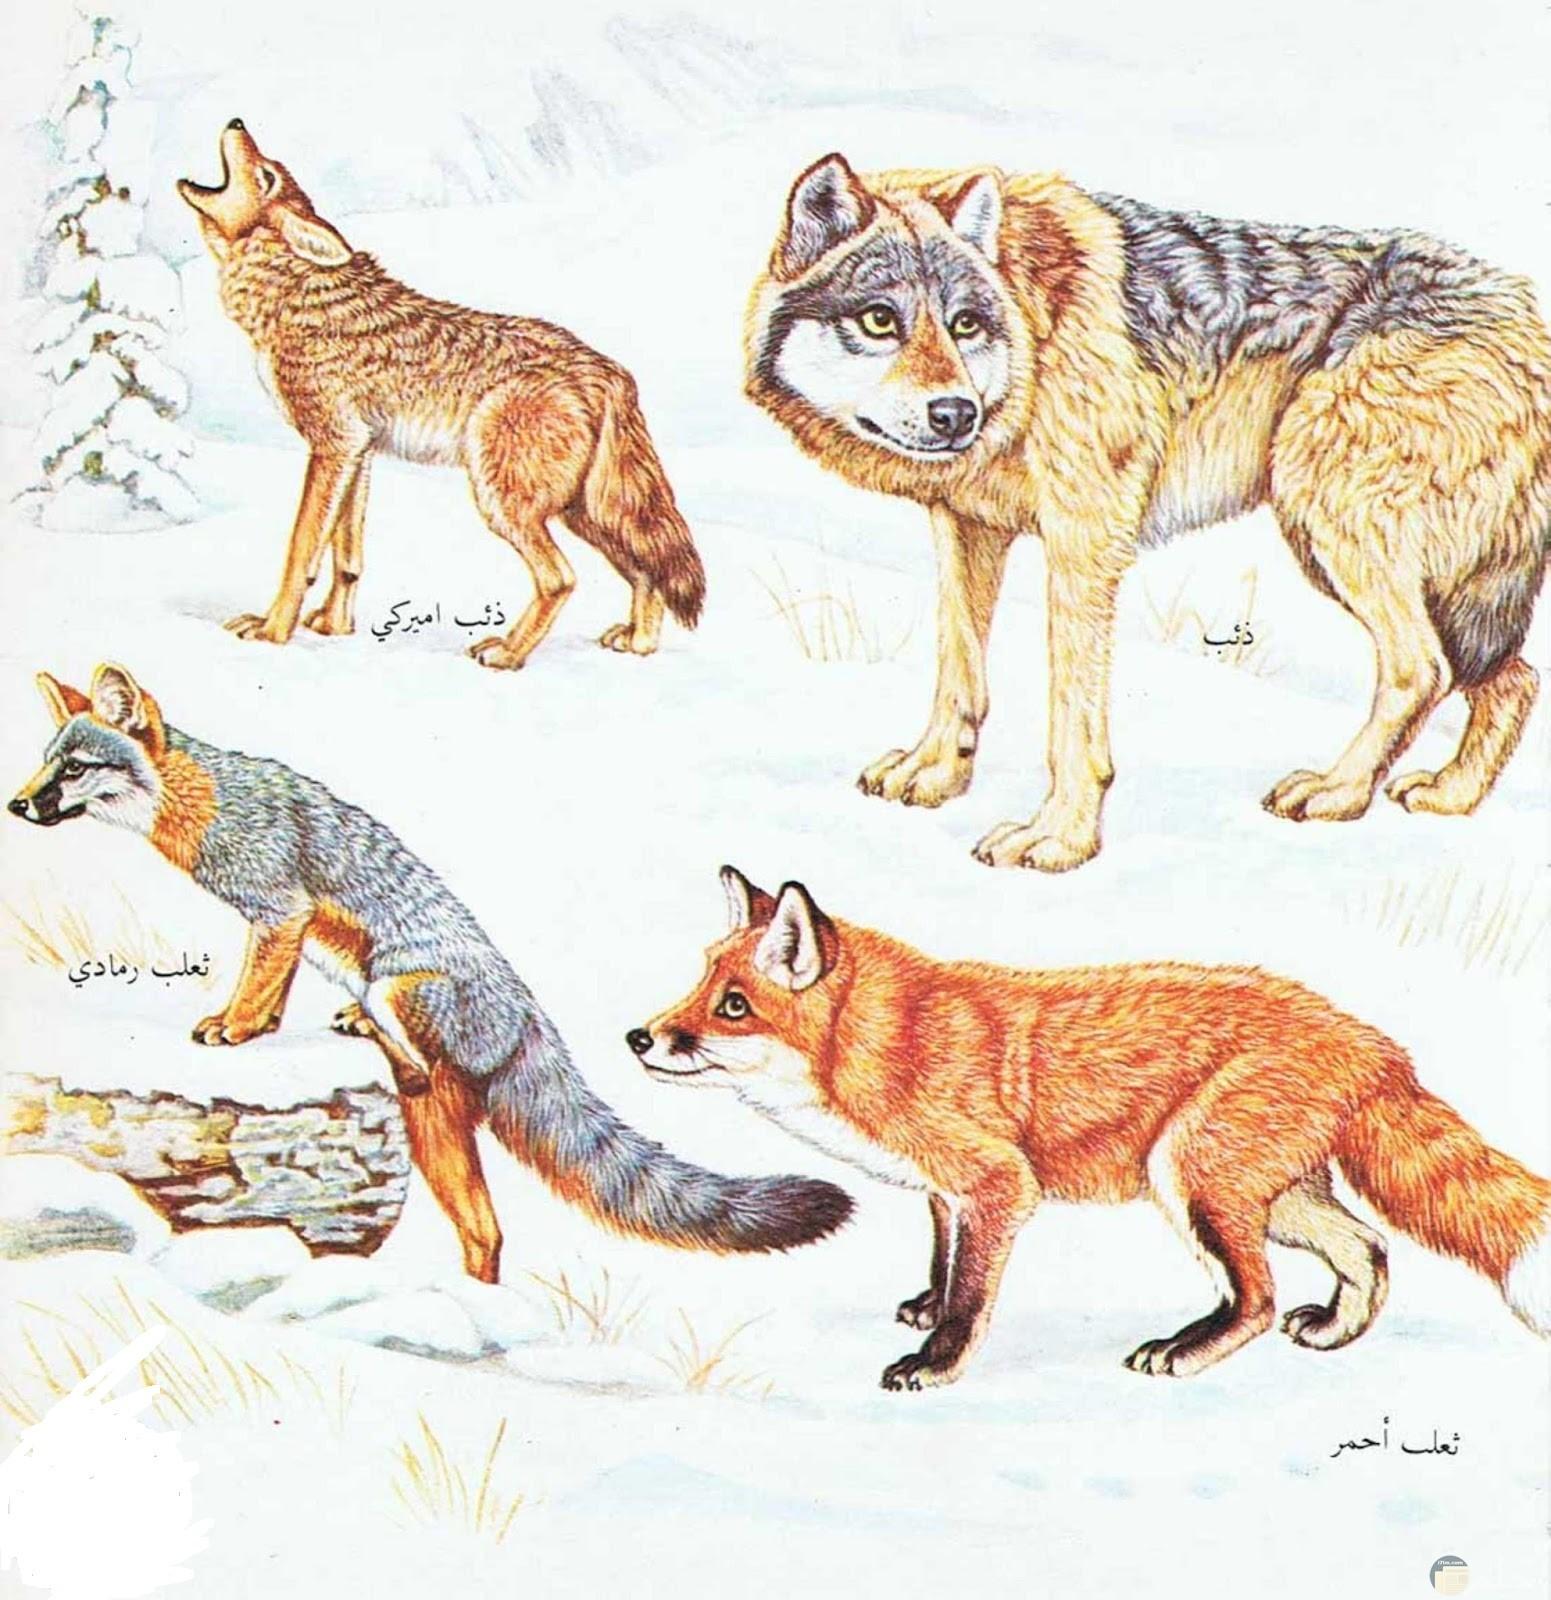 الفرق في الشكل بين الذئب و الثعلب.